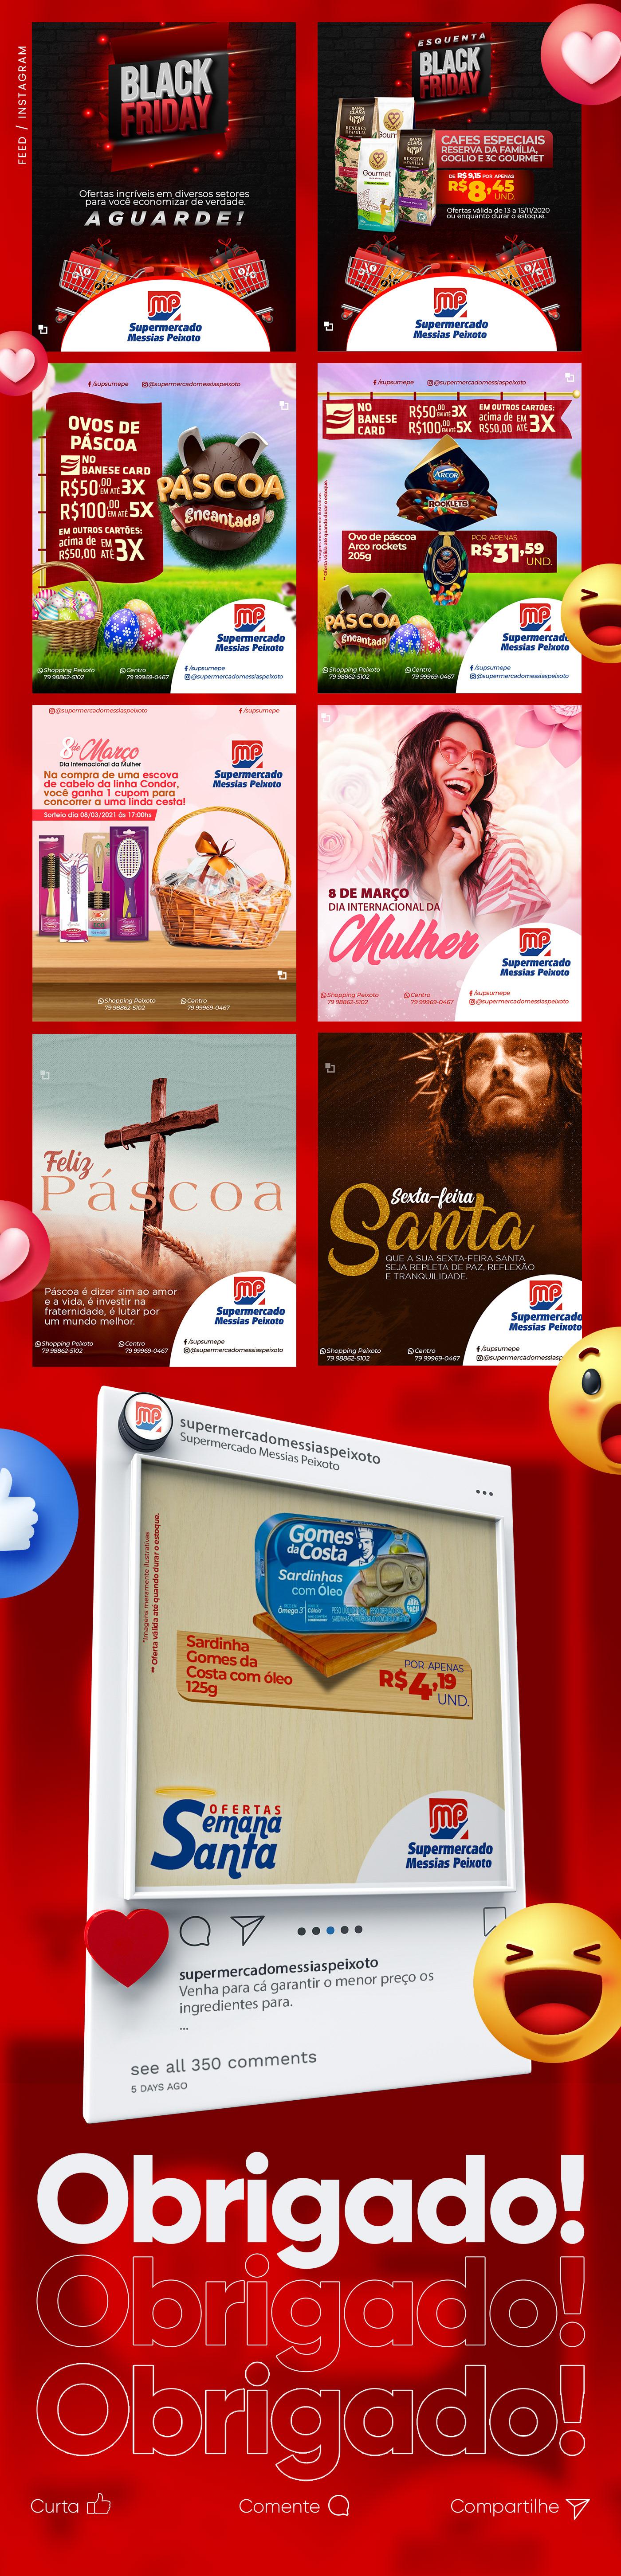 facebook instagram marketing digital Ofertas photoshop Promoções rede social sergipe social media supermercado